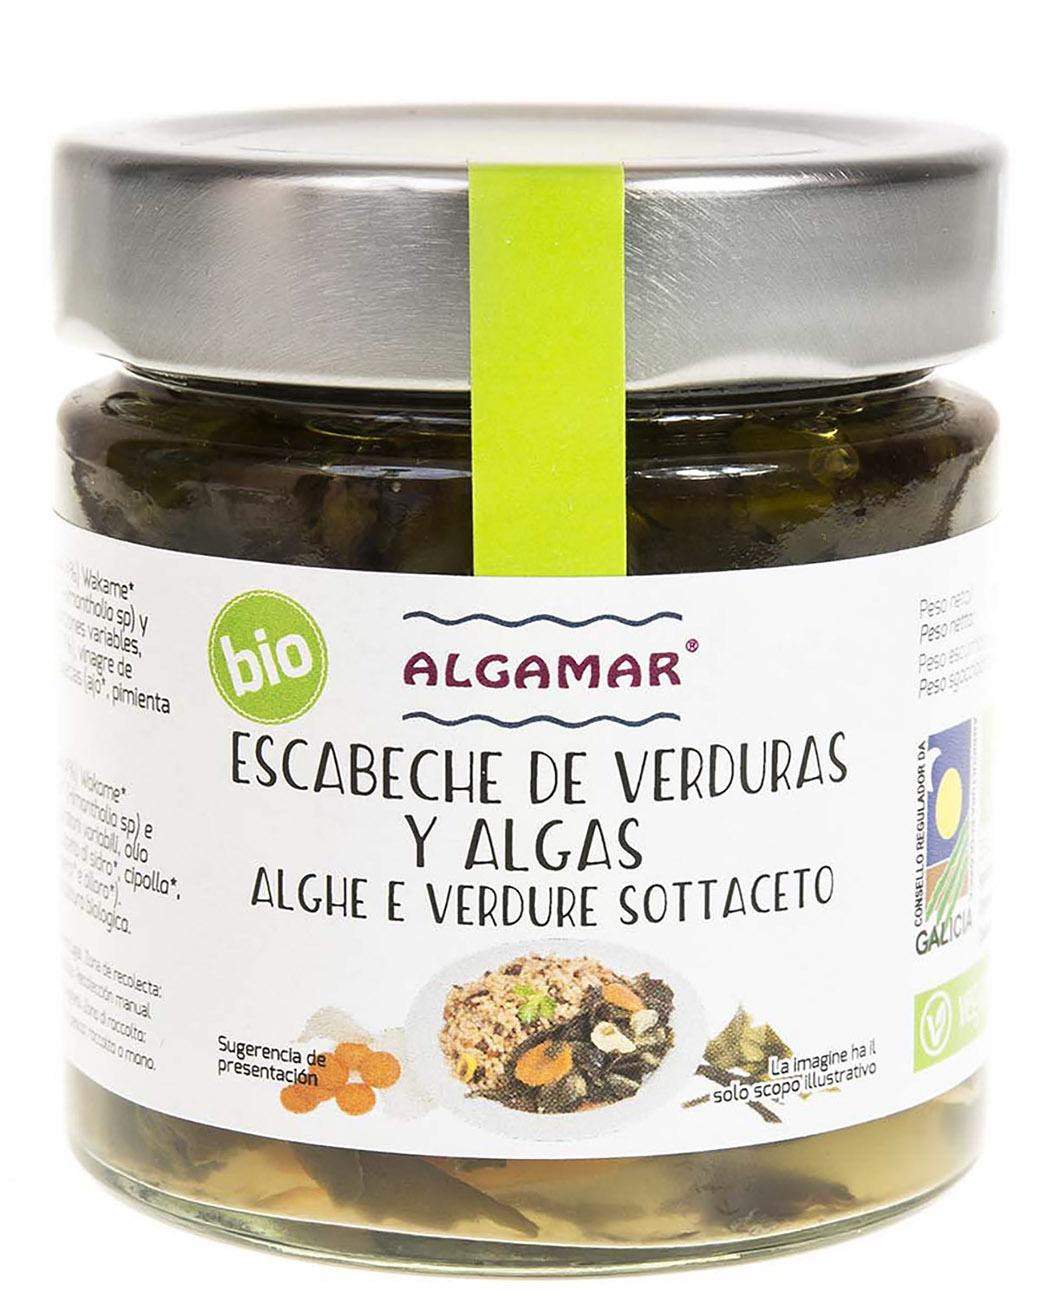 51-algamar-escabeche-de-verduras-190g